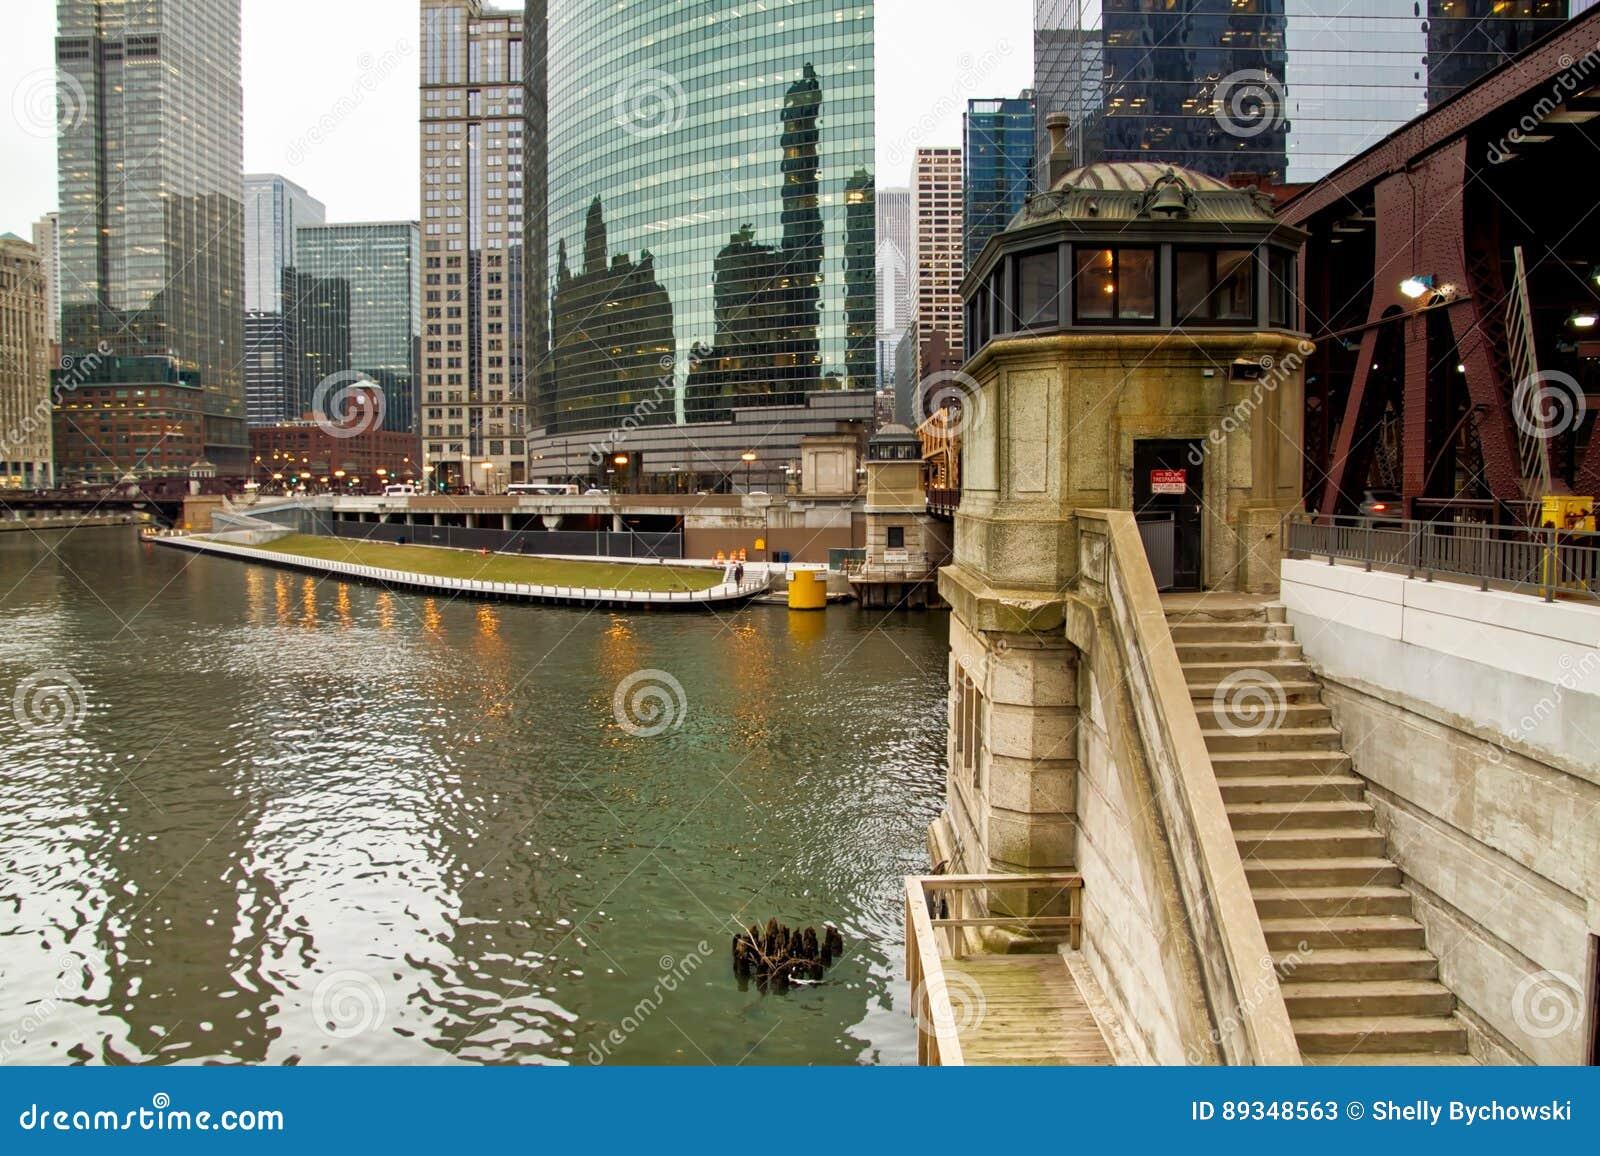 芝加哥沿riverwalk的桥楼室